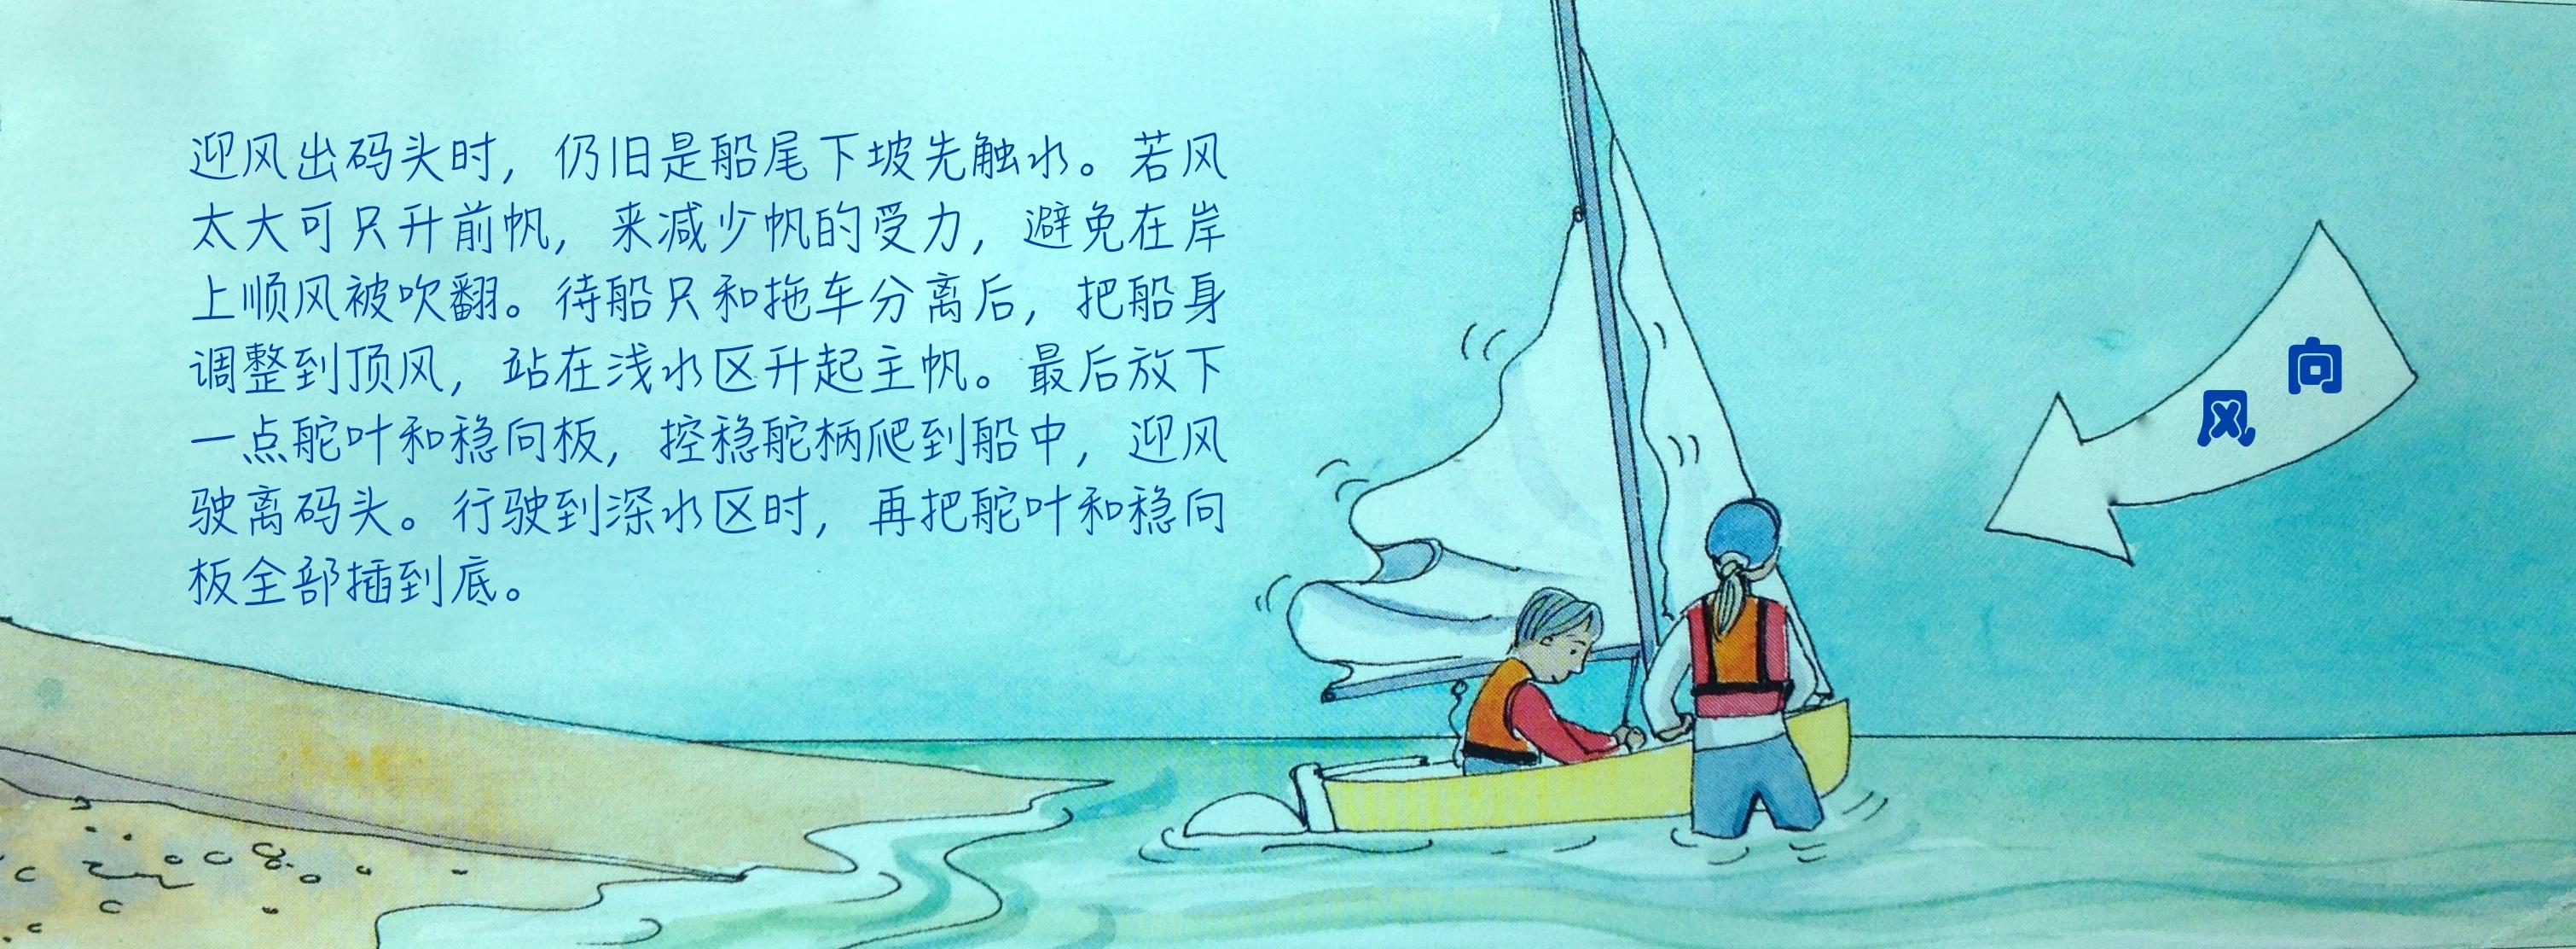 帆船,沙滩 水泥斜坡道是小帆船最为常见的一种上下水设施。 21c.JPG